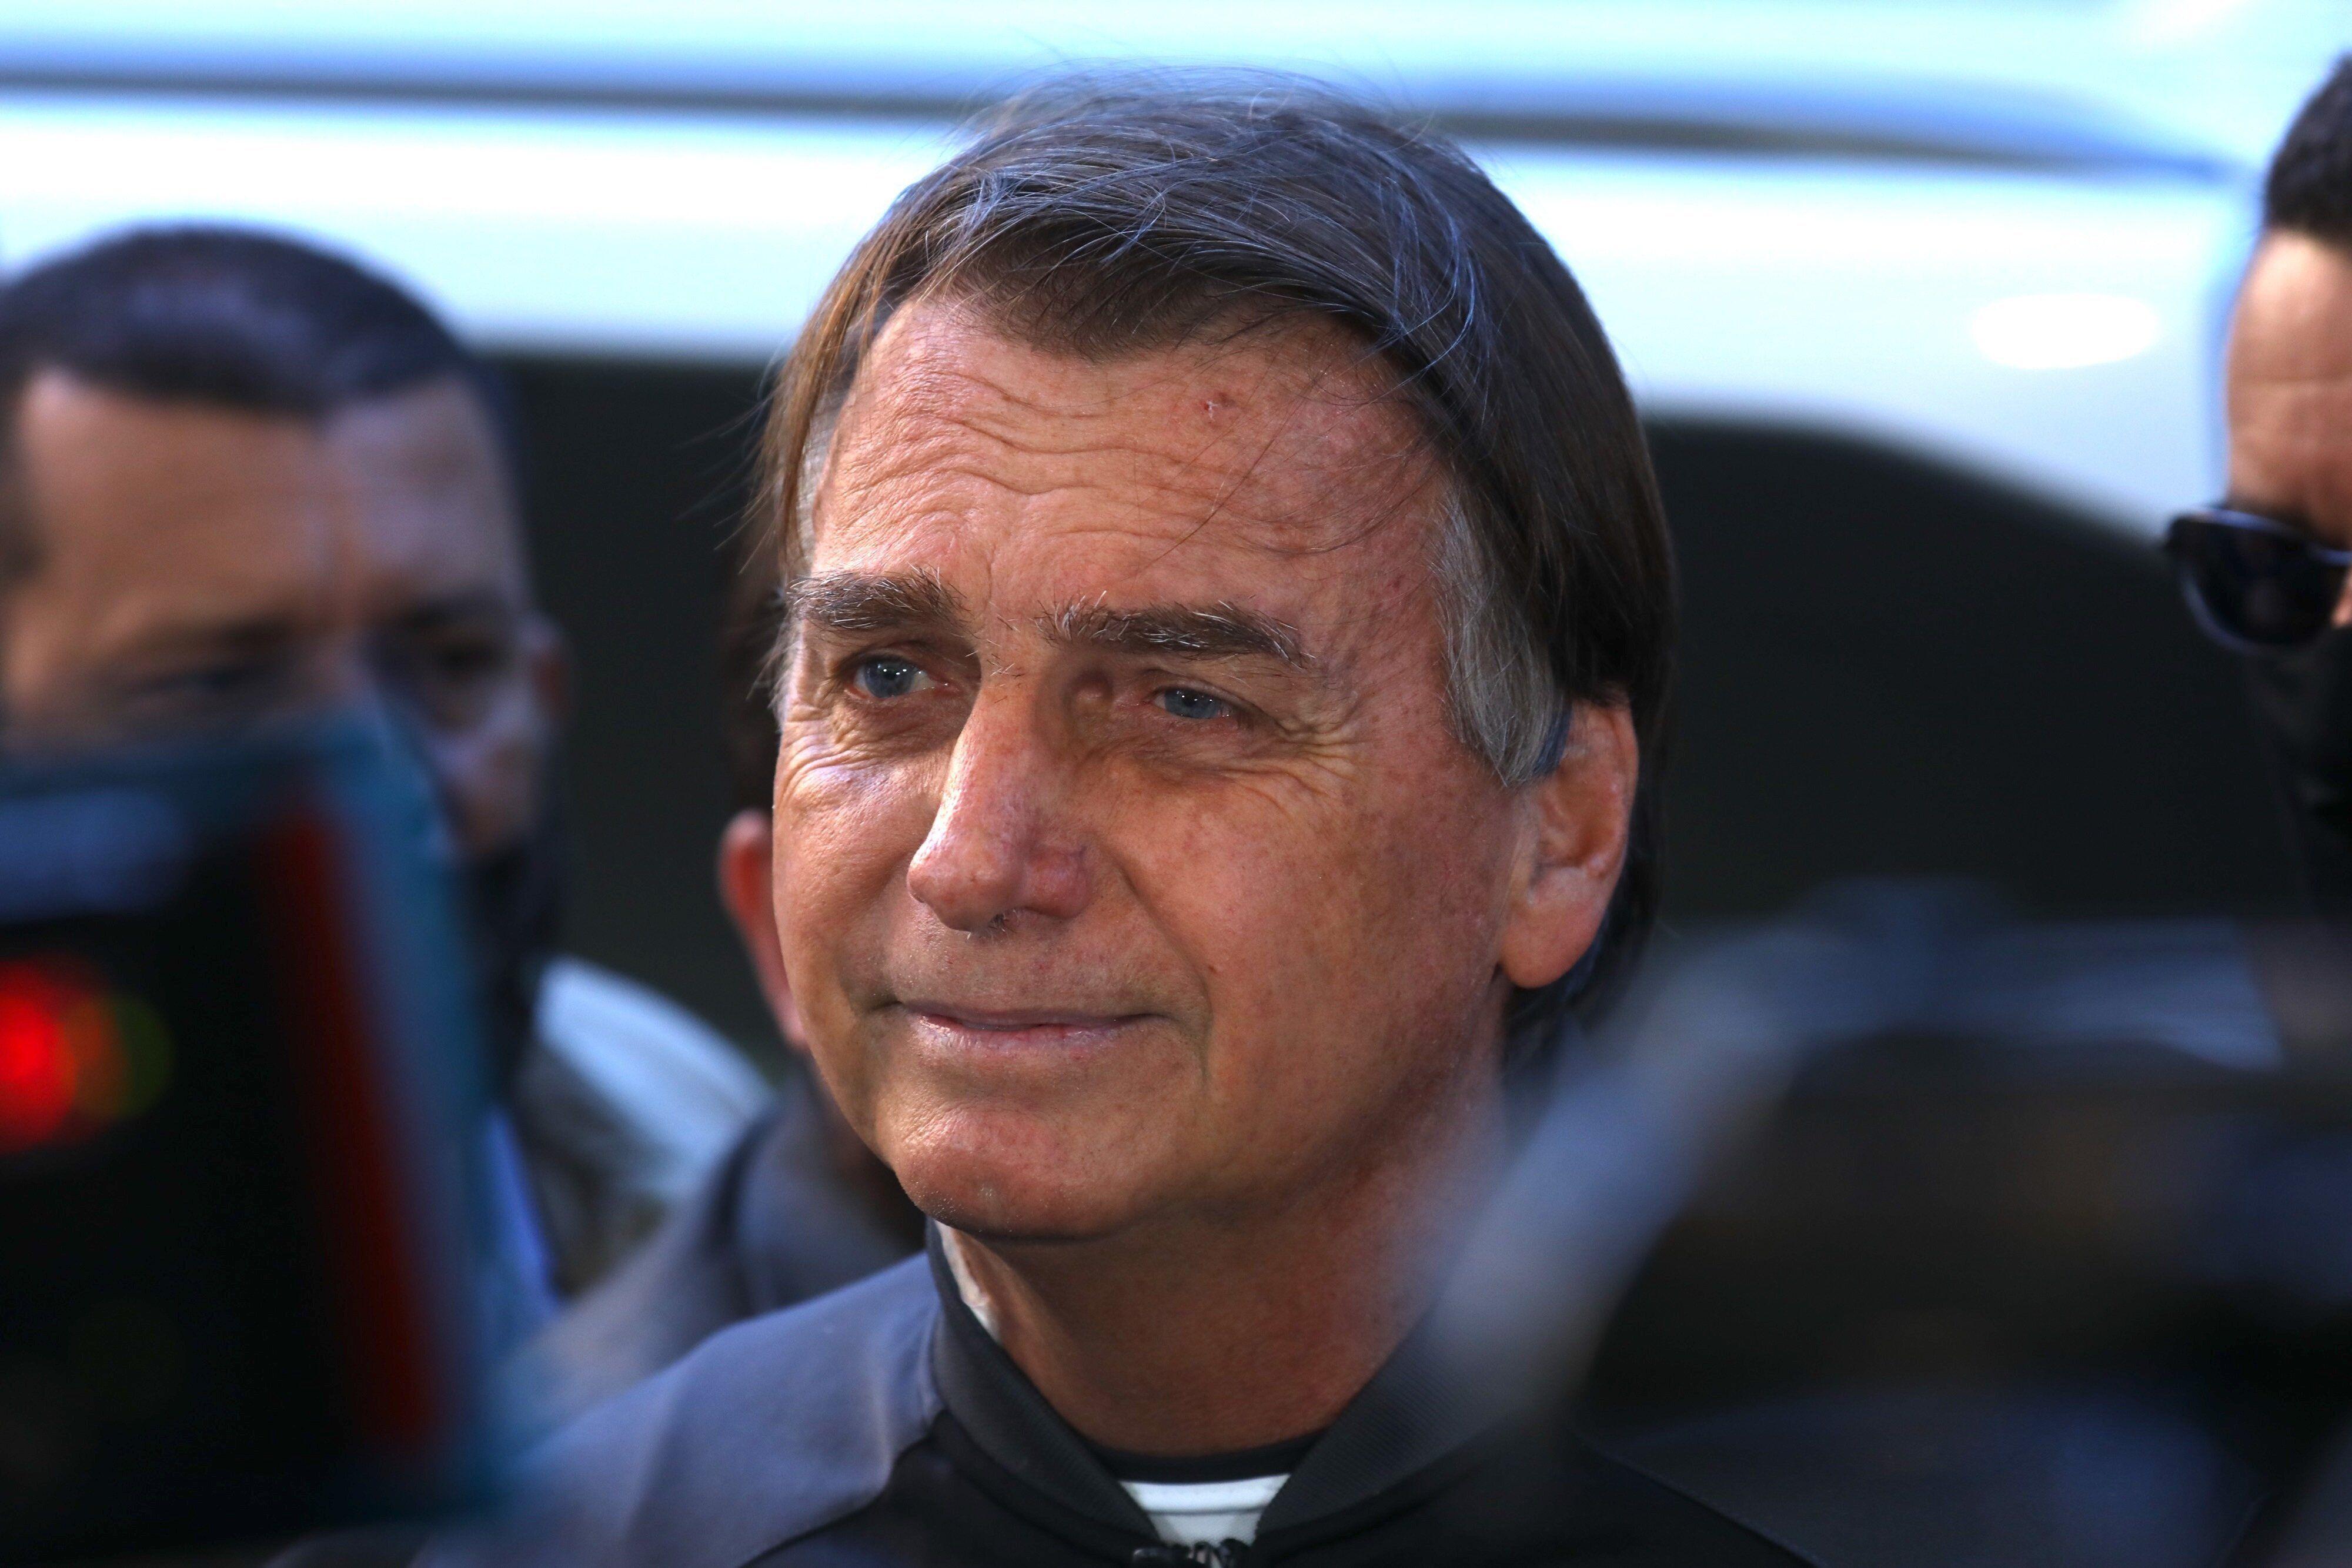 Jair Bolsonaro est sorti ce dimanche de l'hôpital où il avait été admis...